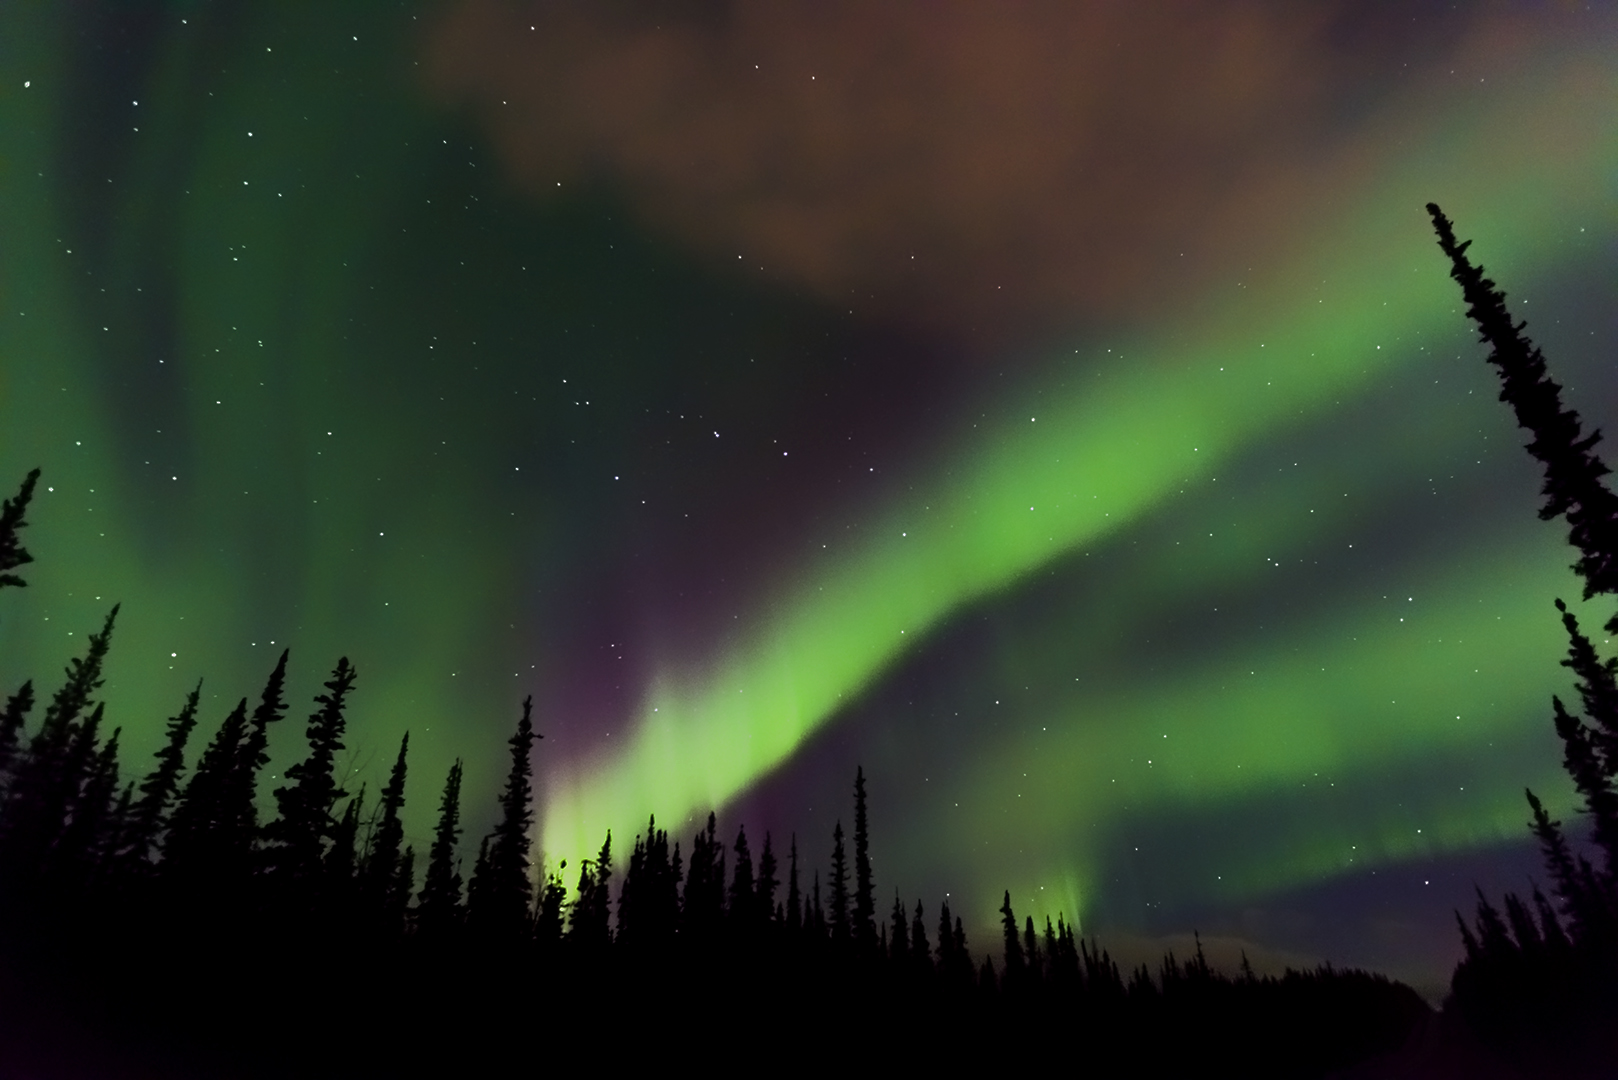 Aurora Borealis by Ken Quigley